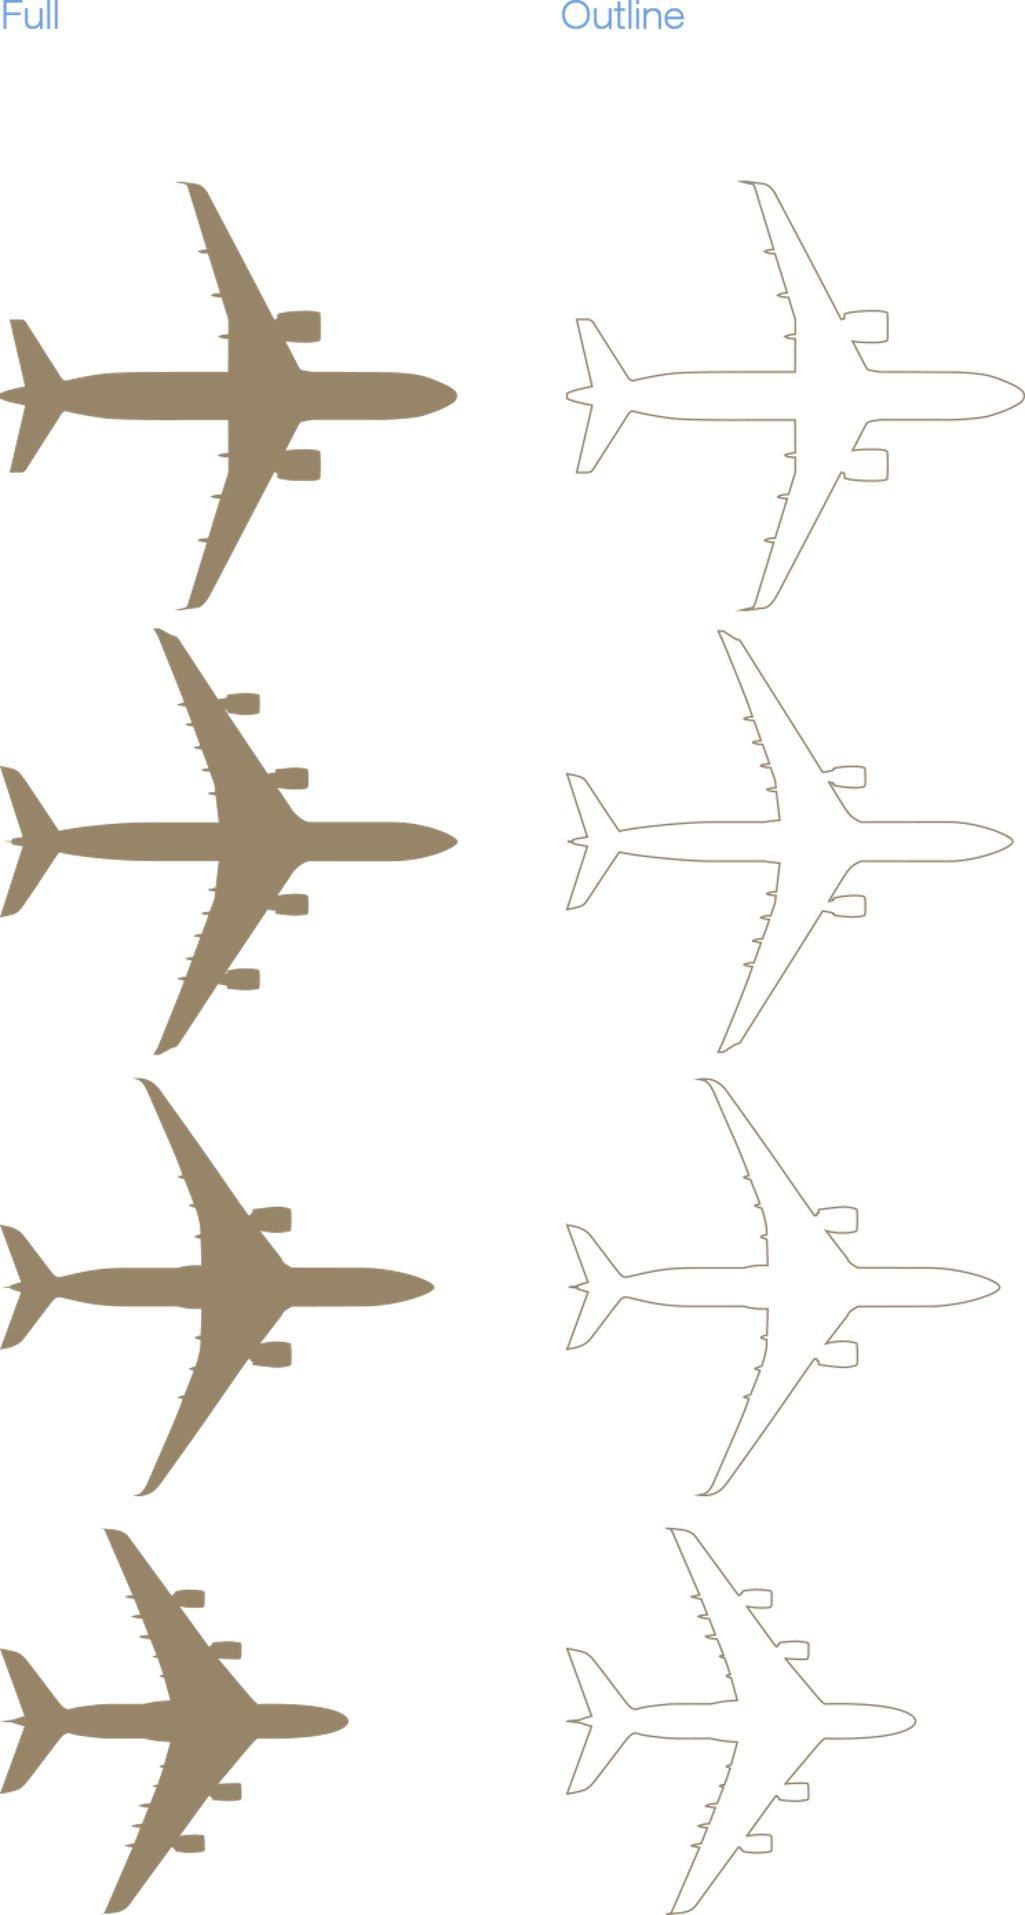 Acj Ach Aircraft Silhouettes